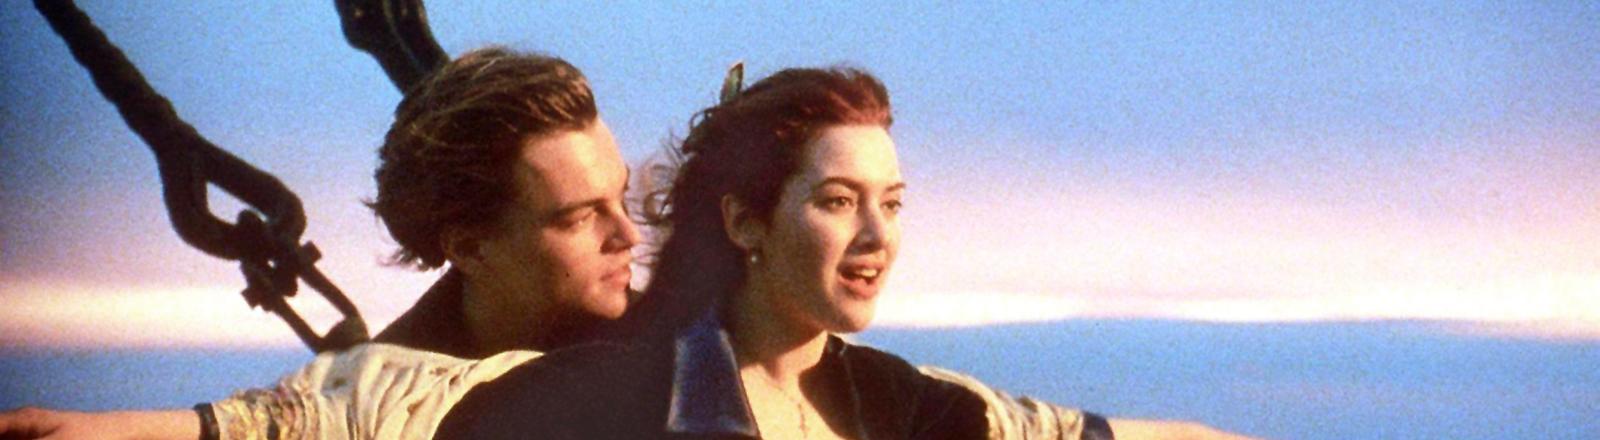 """Kate Winslet und Leonardo DiCaprio in einer Filmszene aus """"Titanic""""."""